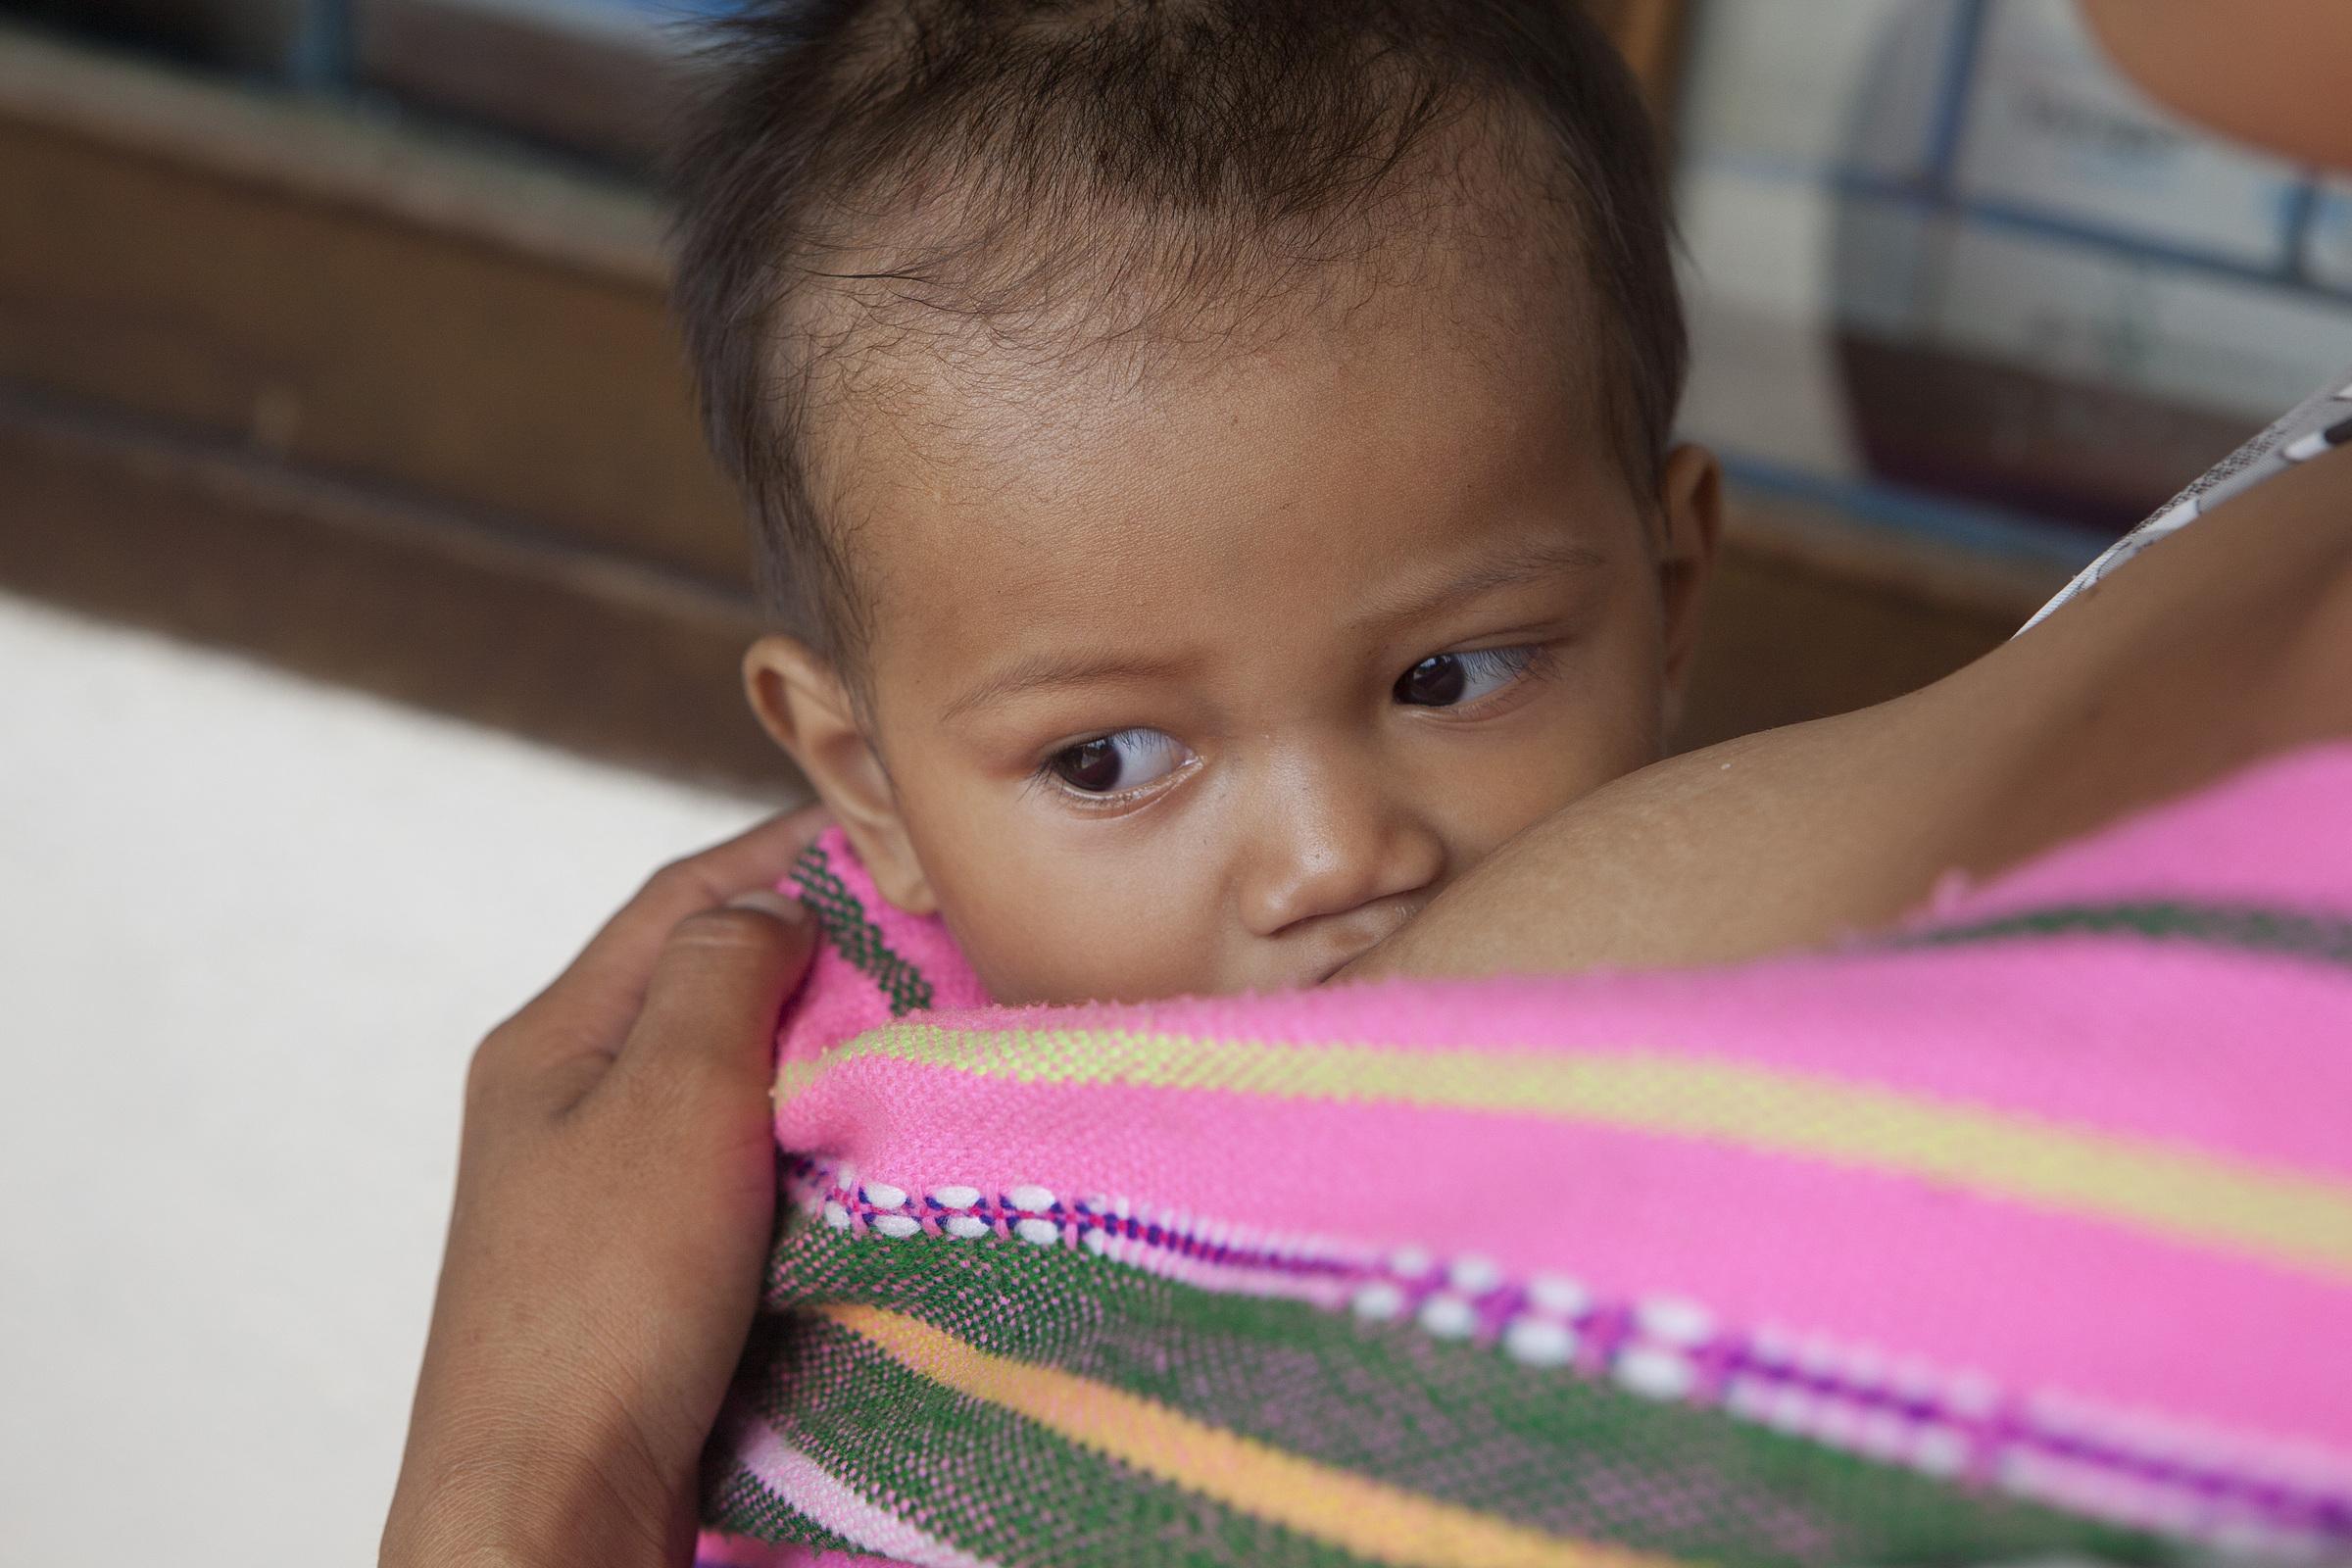 Ảnh chụp người mẹ cho con bú tại An Giang ngày. Ảnh: UNICEF - Đoàn Bảo Châu.